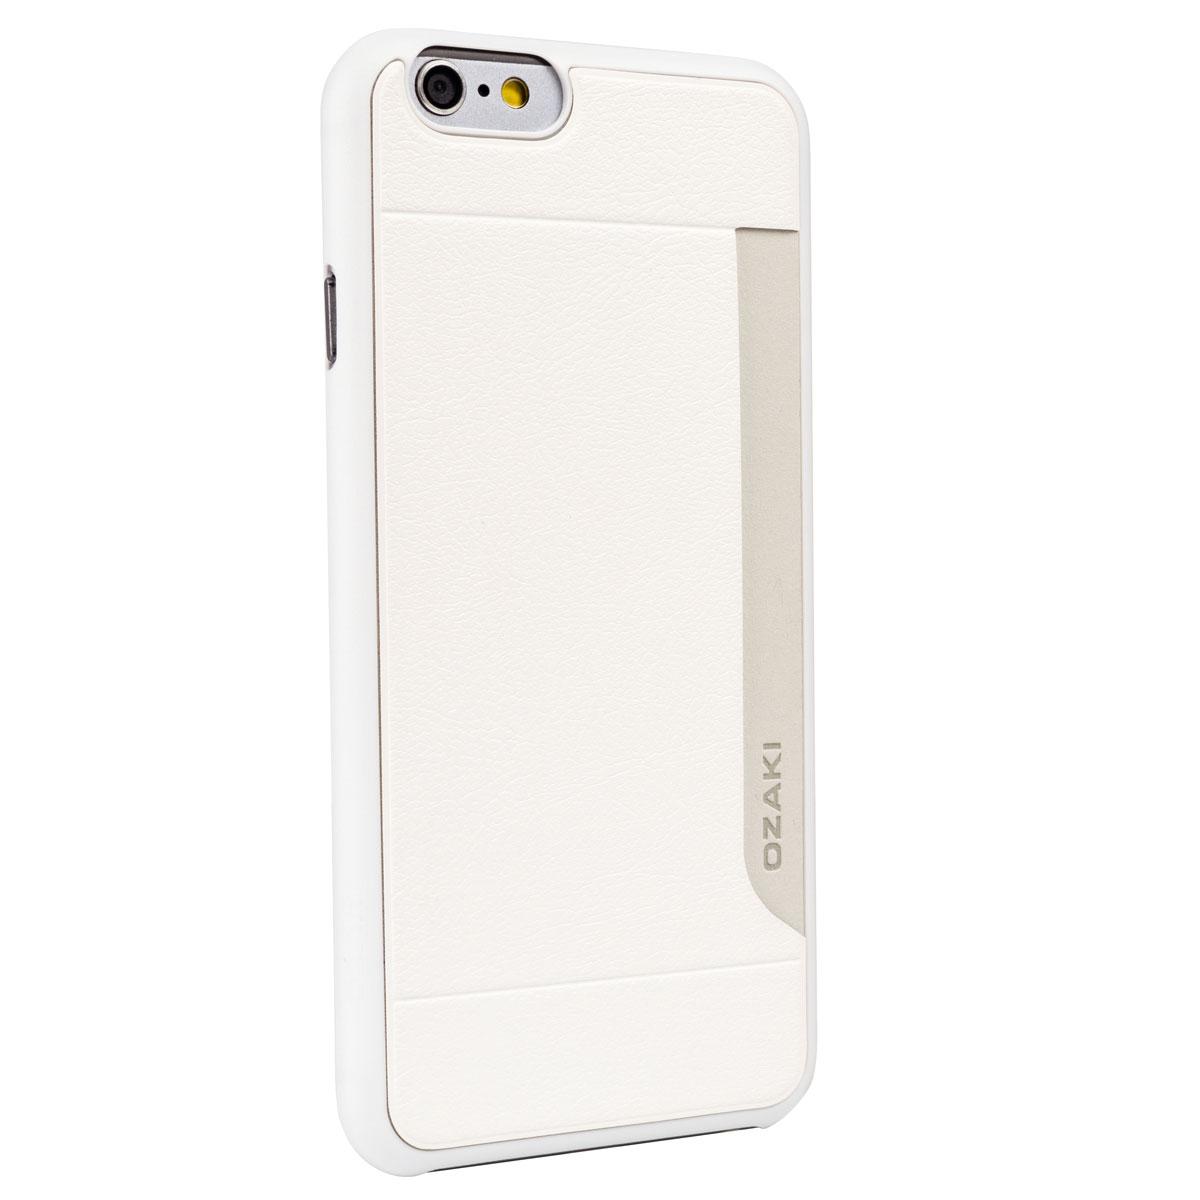 Ozaki O!coat 0.3+ Pocket Case чехол для iPhone 6, WhiteOC559WHЧехол Ozaki O!coat 0.3+ Pocket Case для iPhone 6 предназначен для защиты корпуса смартфона от механических повреждений и царапин в процессе эксплуатации. Имеется свободный доступ ко всем разъемам и кнопкам устройства. Толщина чехла составляет 0,3 мм. В комплект также входит защитная пленка на экран устройства.